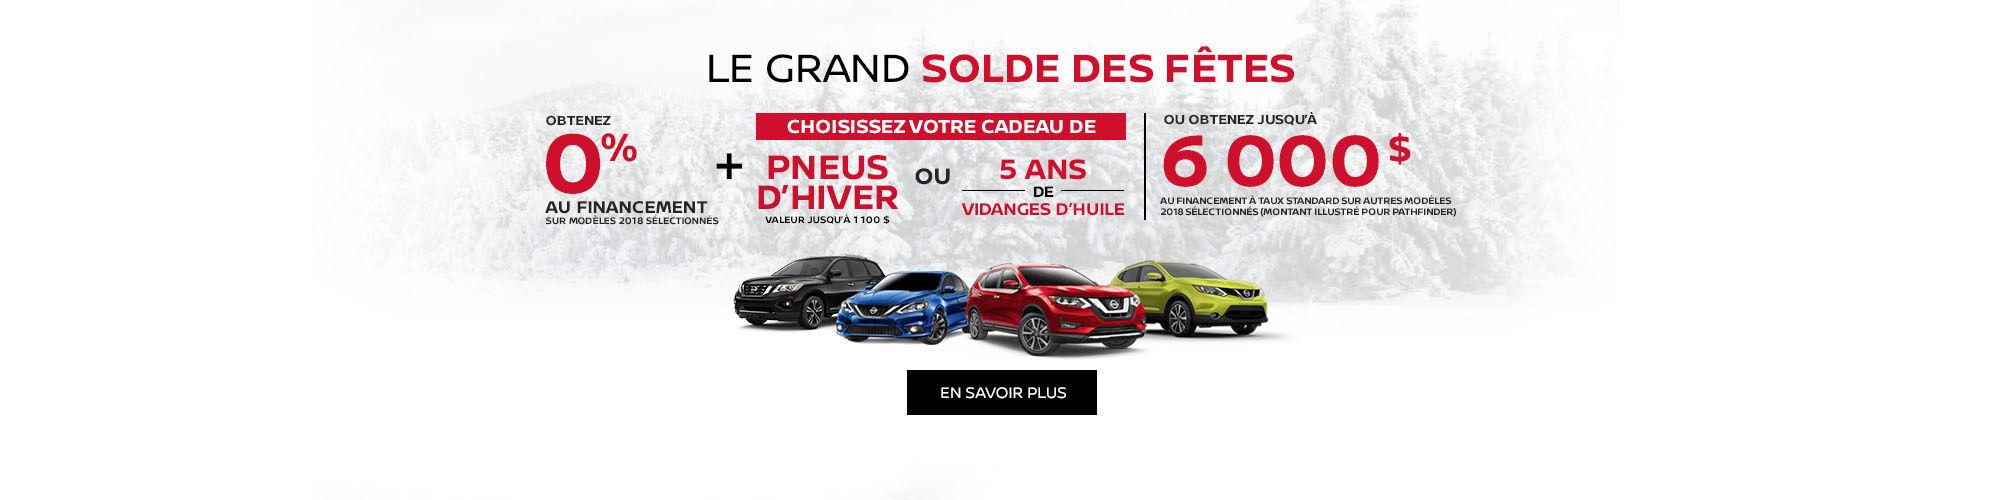 Grand Solde des fêtes Nissan